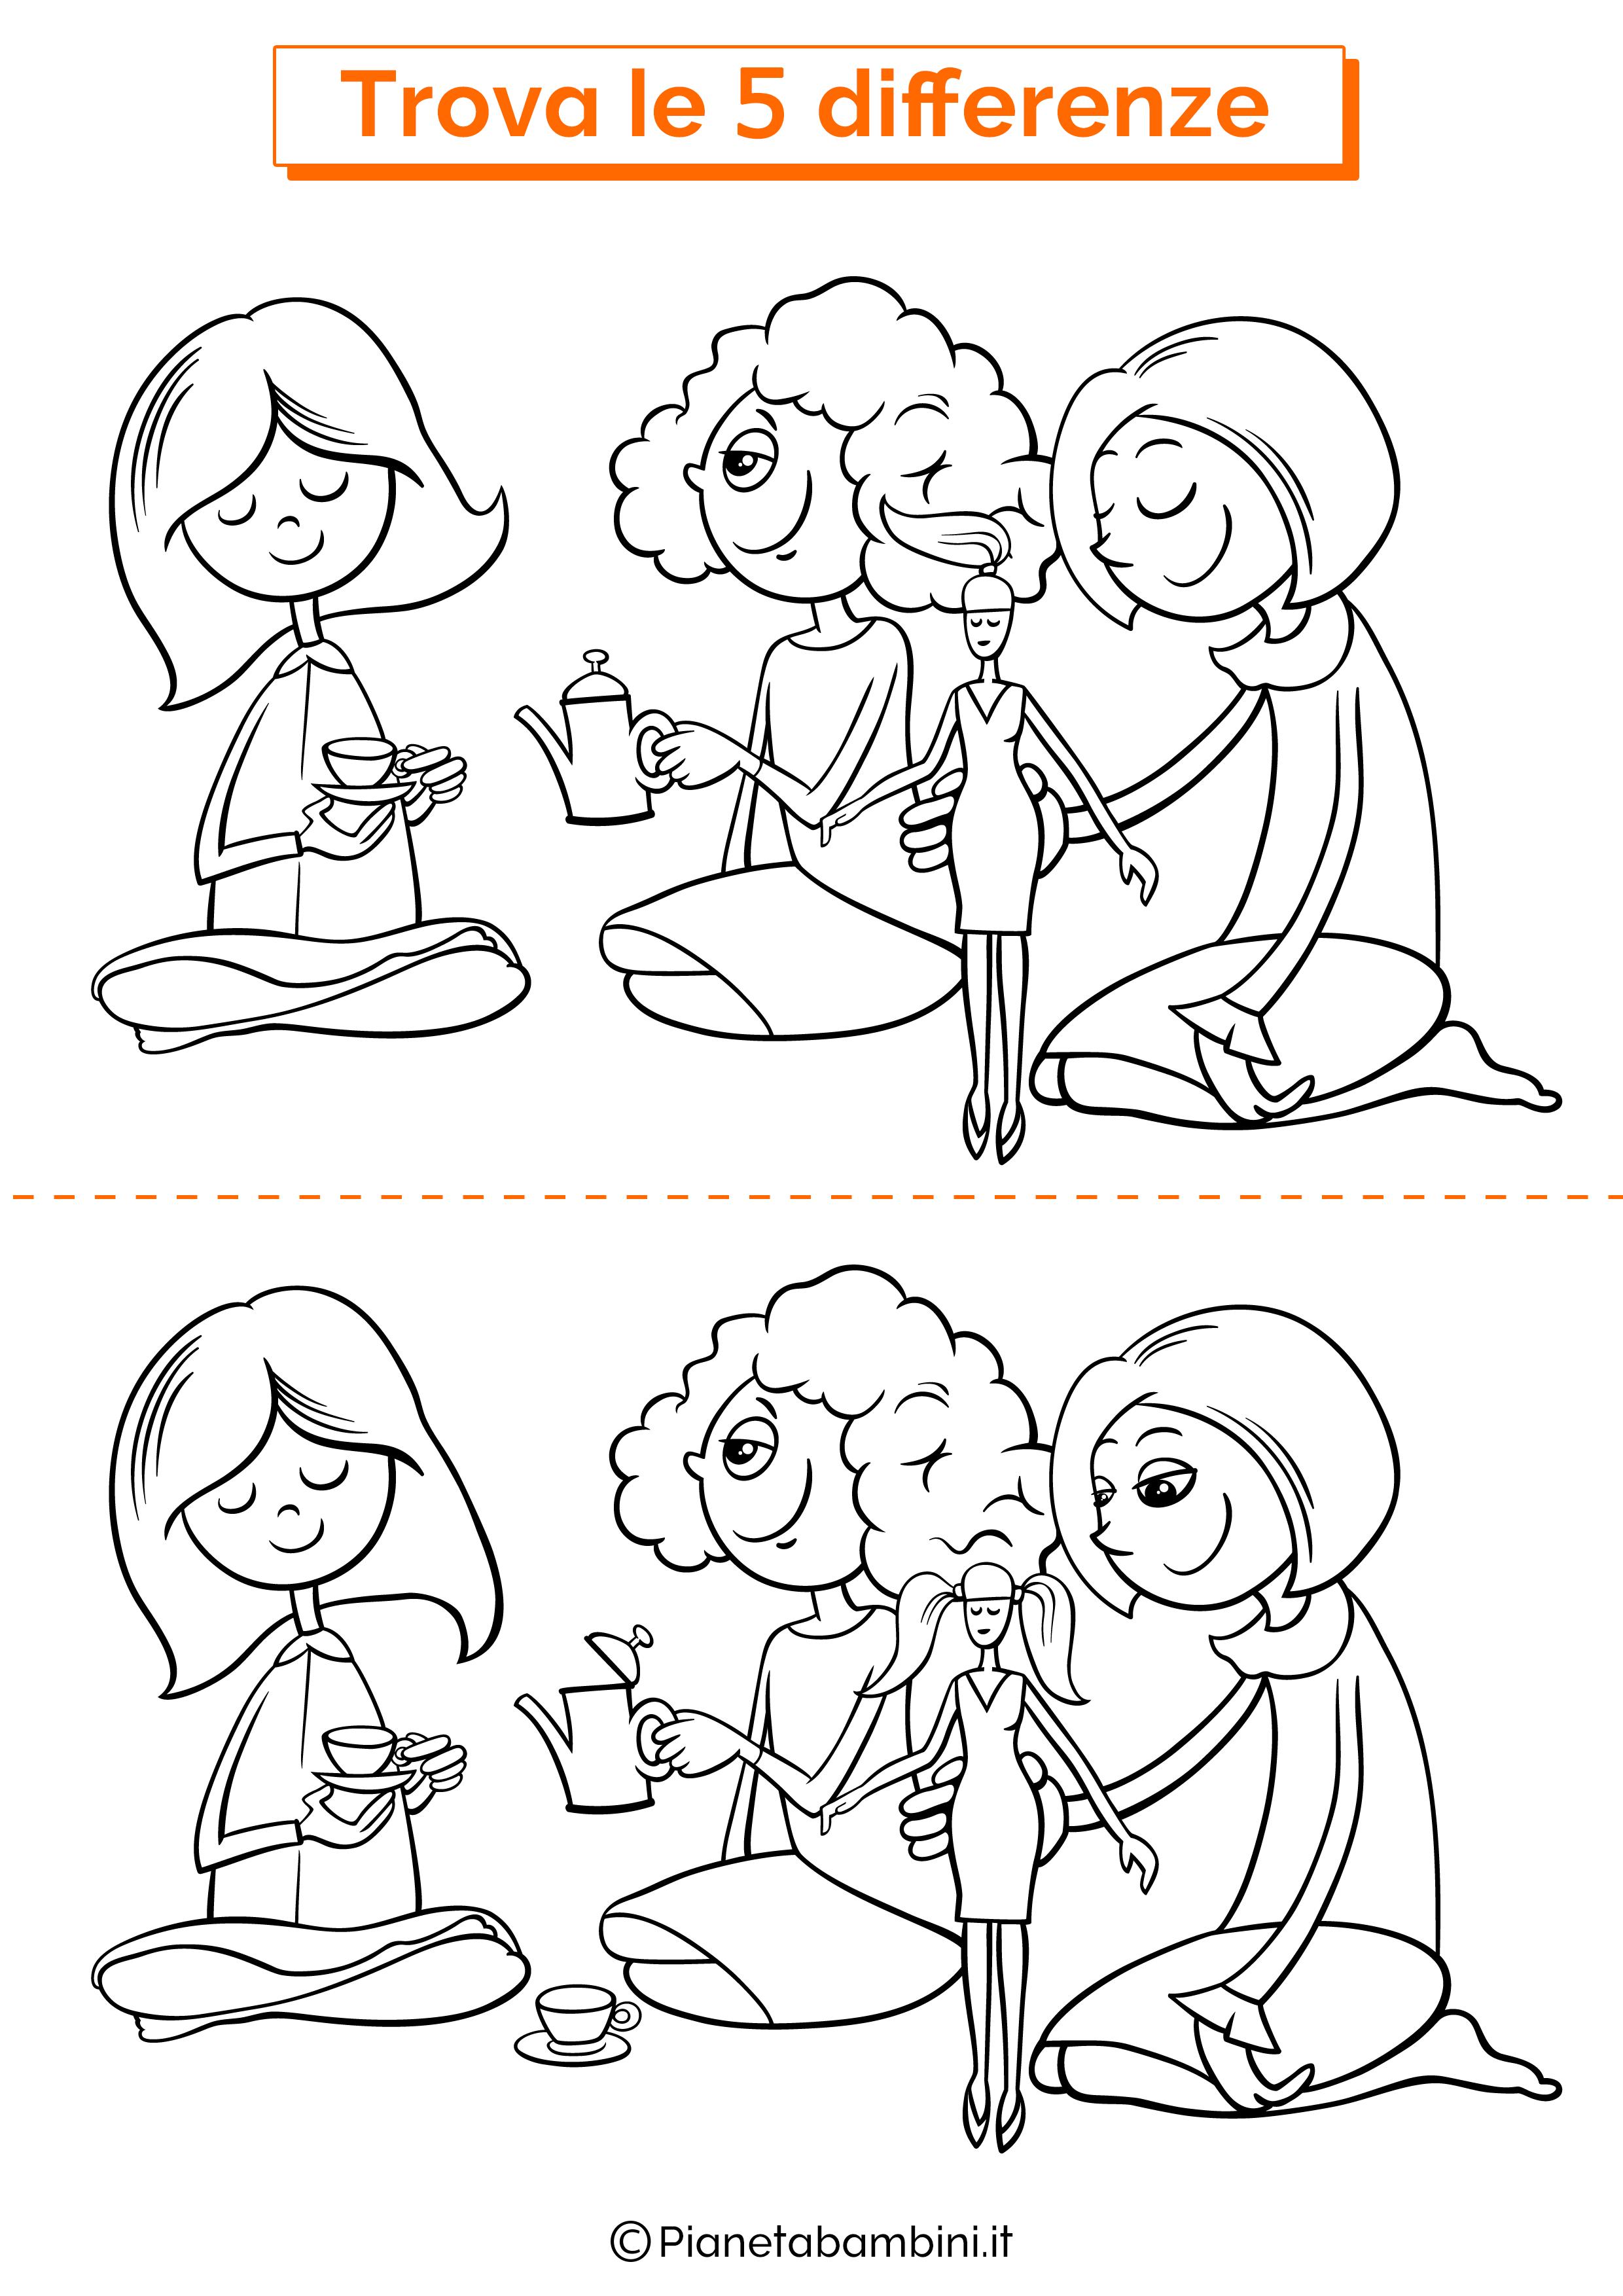 Disegno trova 5 differenze bambina che giocano